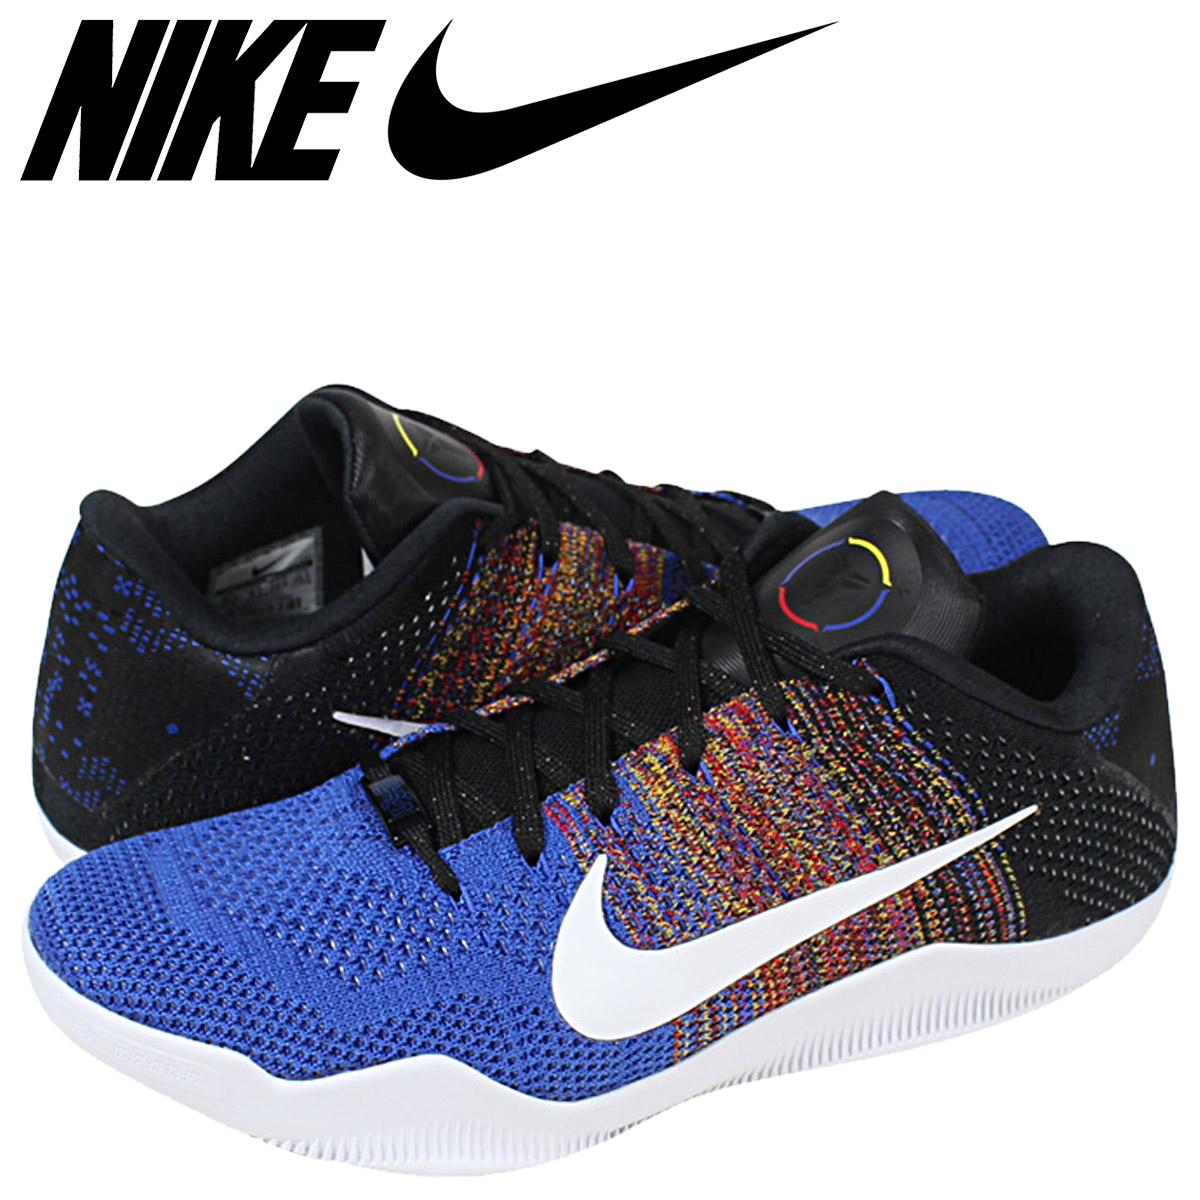 a80aa3a945e SneaK Online Shop  Nike NIKE Corby sneakers KOBE 11 ELITE LOW BHM ...